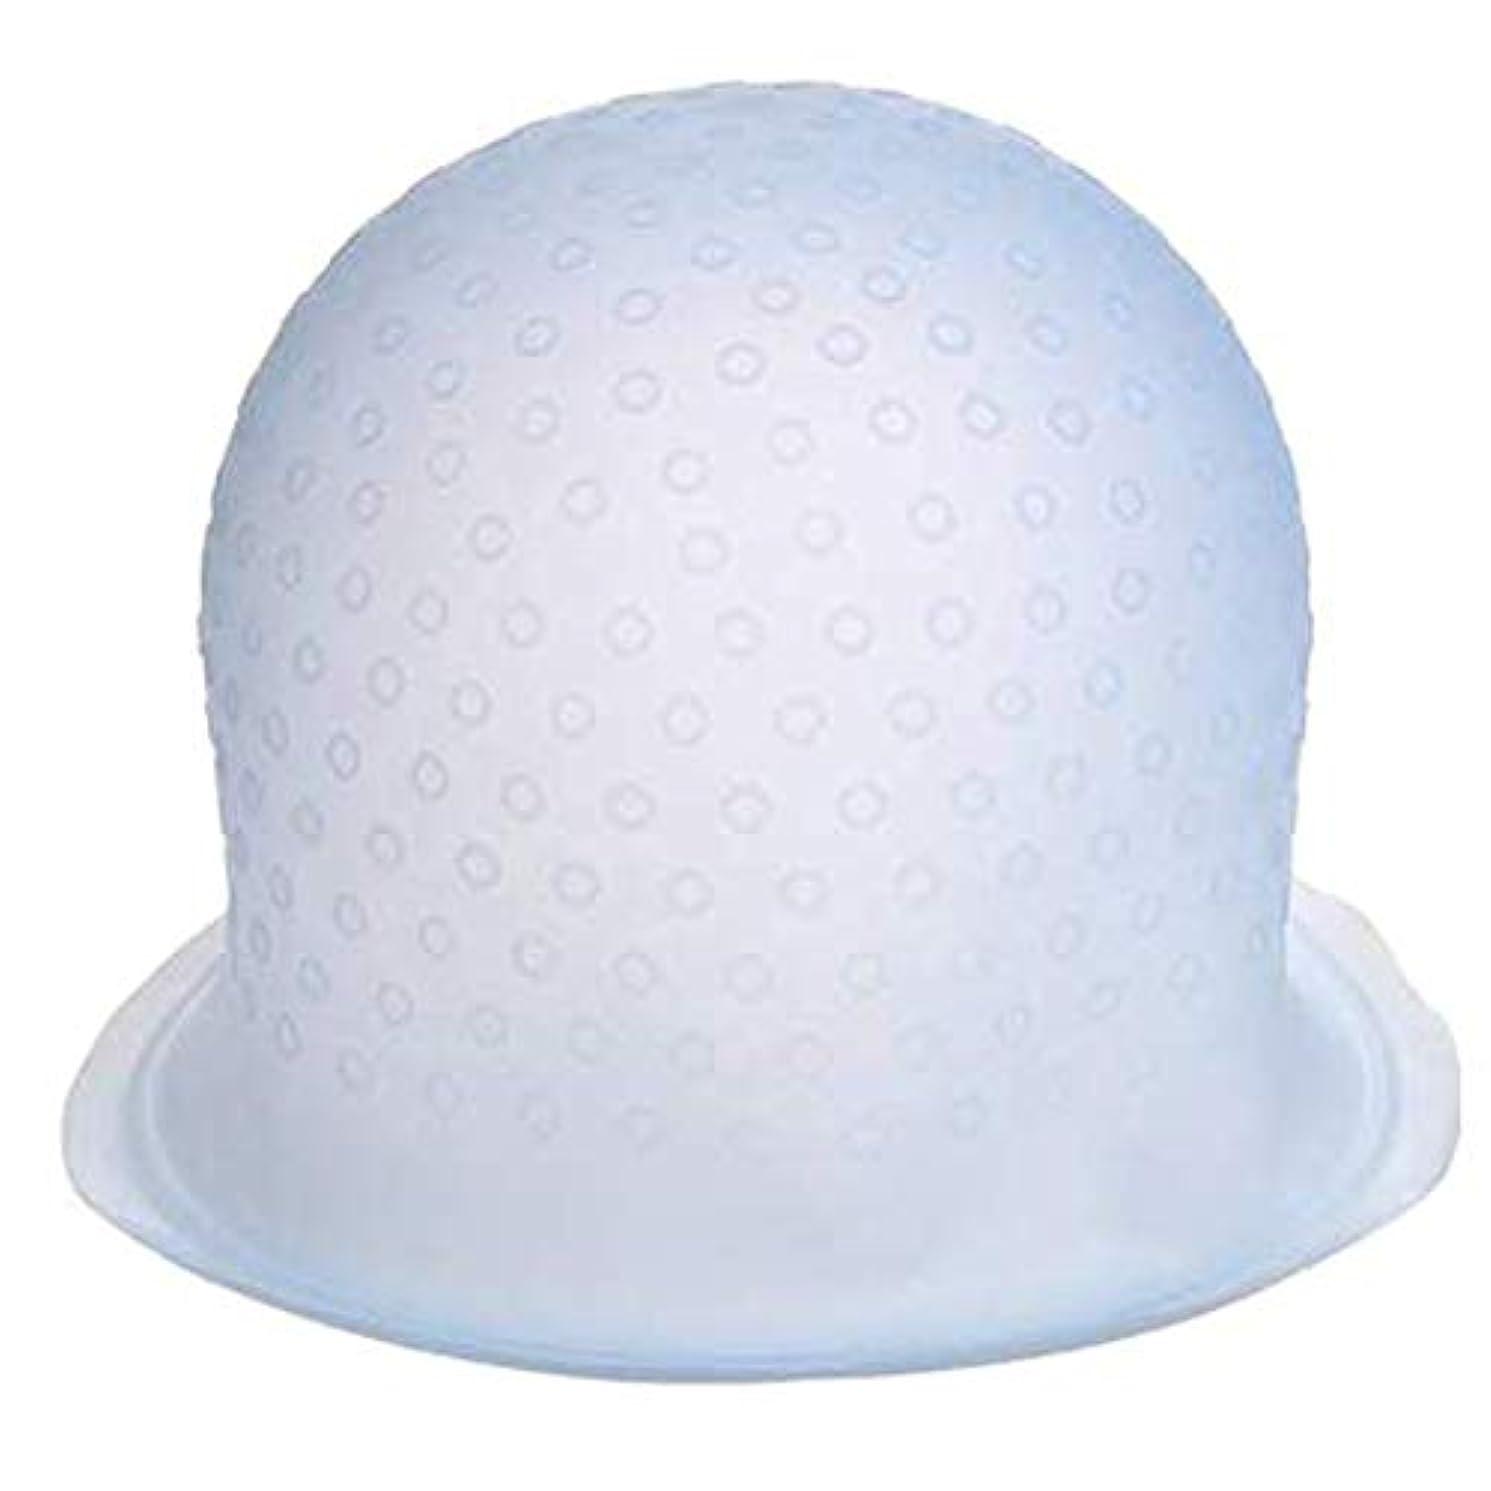 毛染めキャップ シリコンキャップ メッシュキャップ ヘアダイブラシ ヘアカラー 部分染め 再利用可能 半透明 カラーリング 自宅 DIY かぎ針付き (白い)